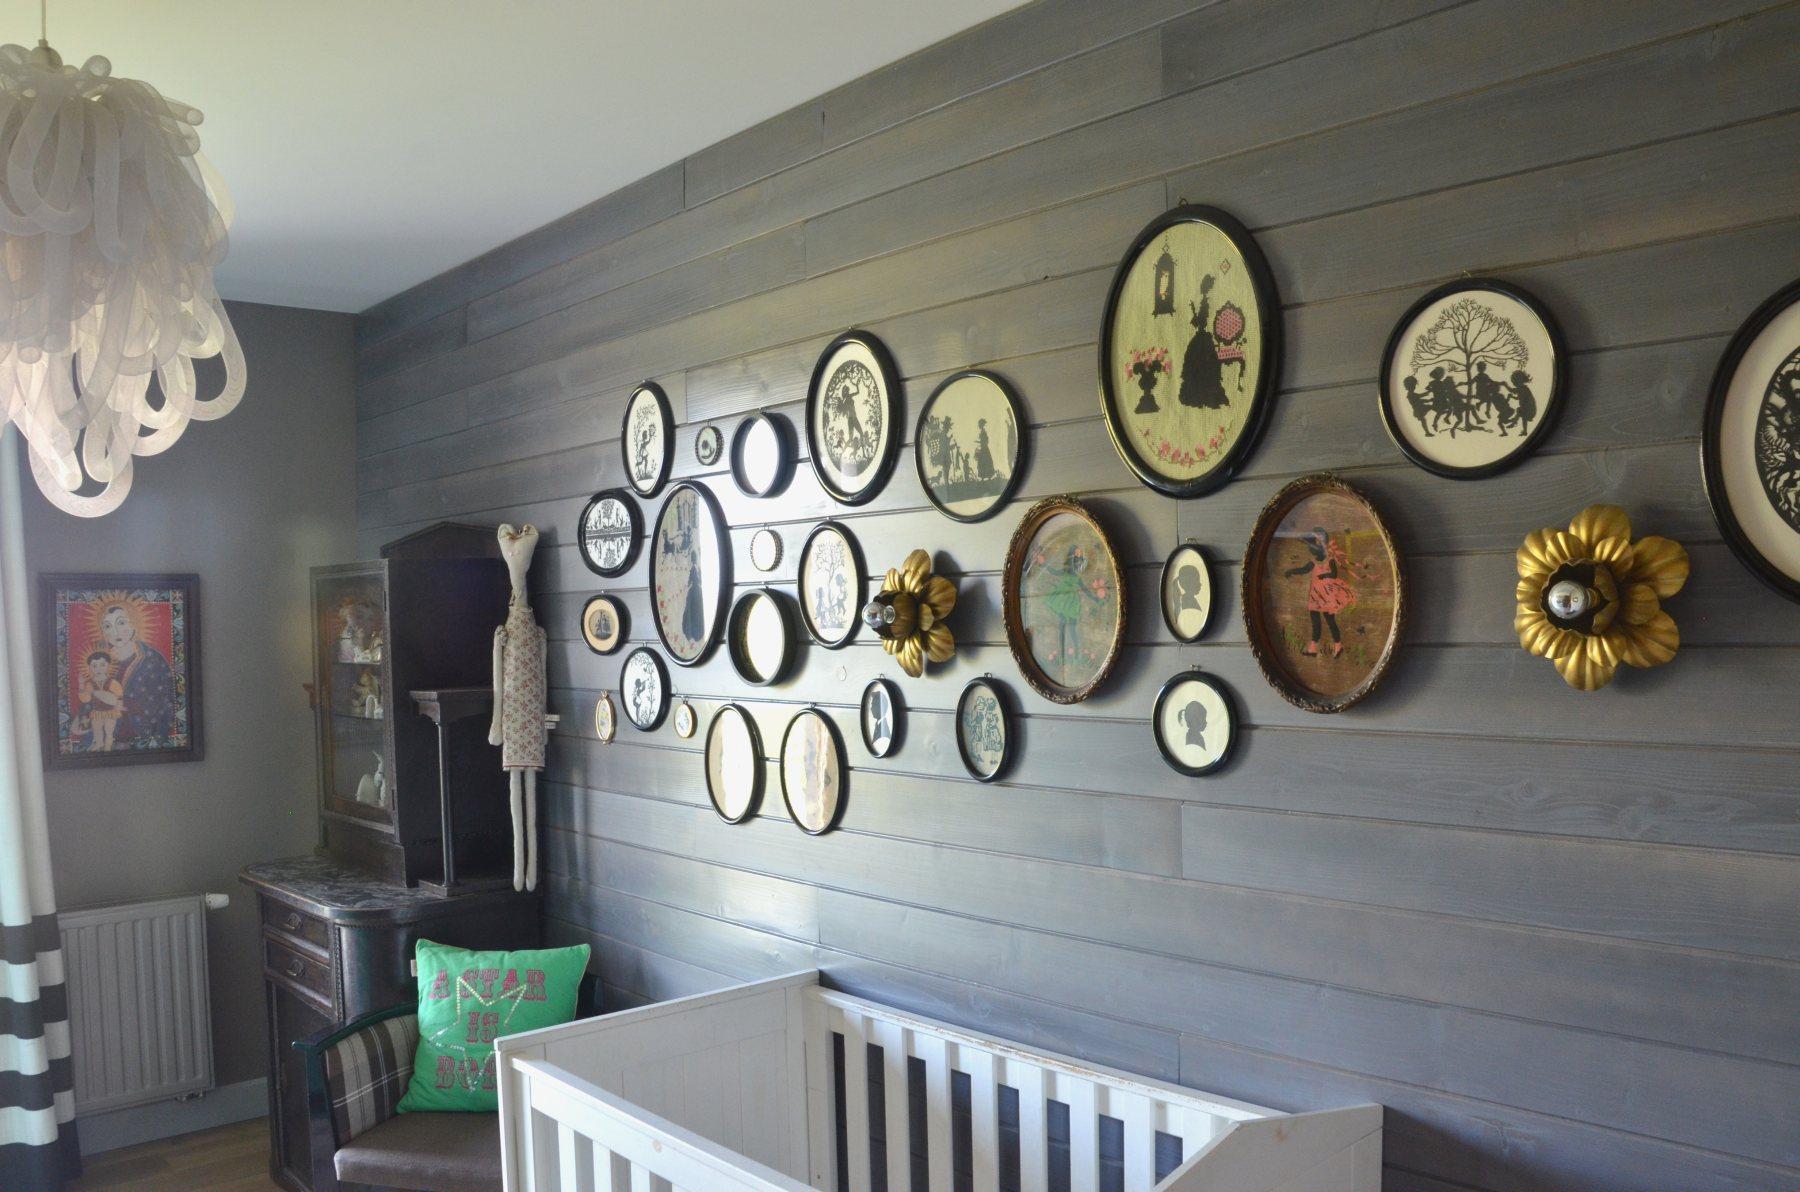 Dekoracje na ścianie - deskowanie